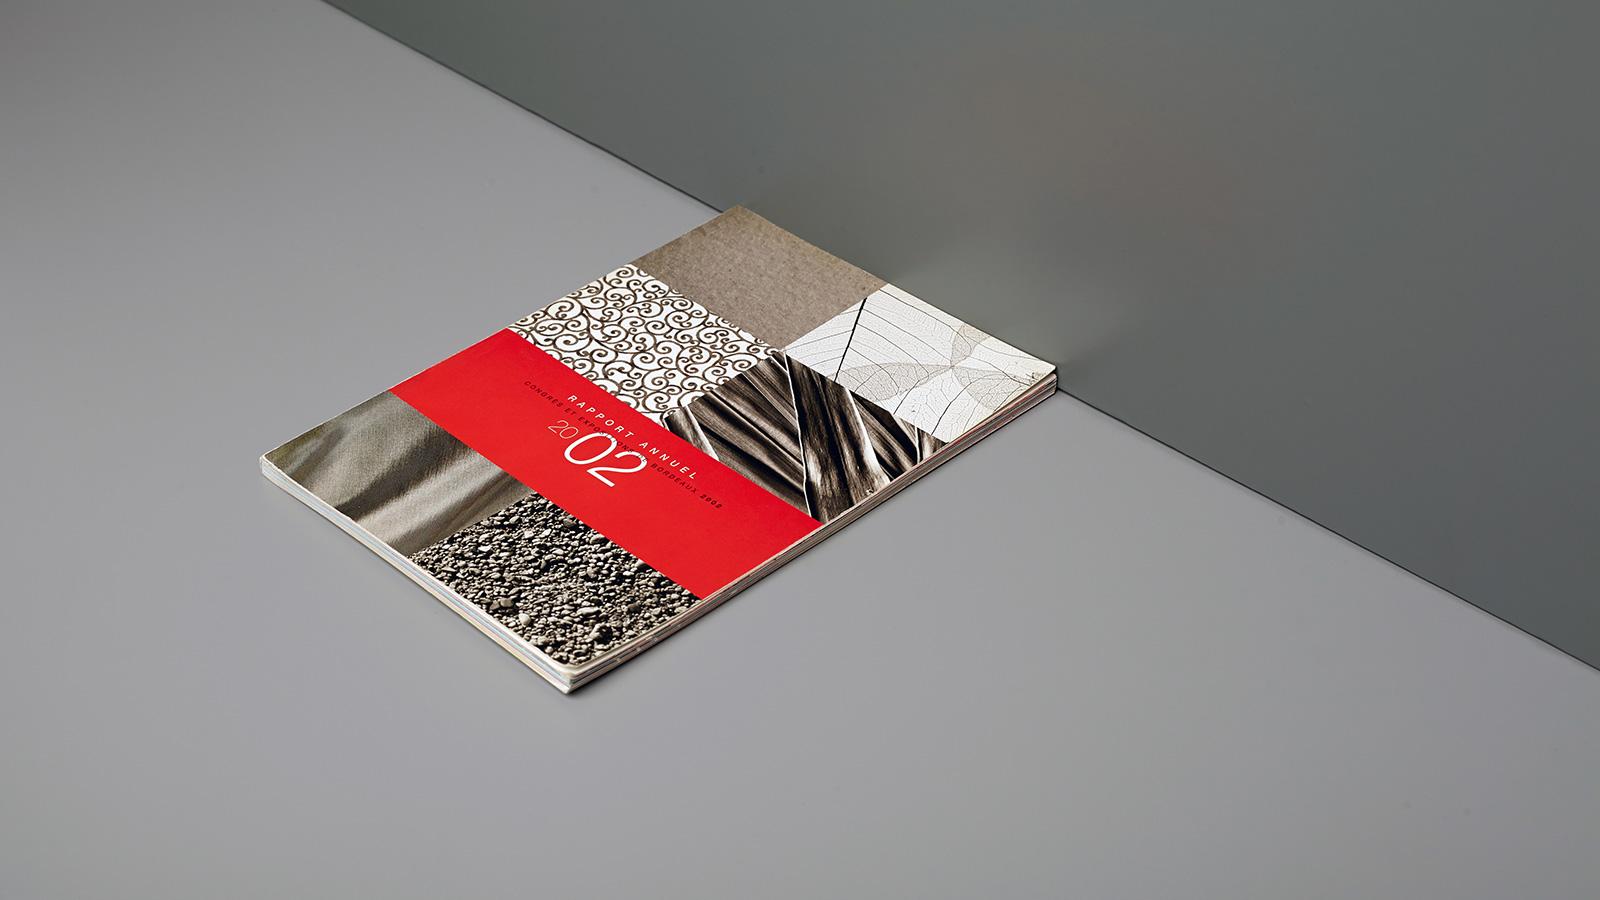 cover-congres-et-expositions-de-bordeaux-benadesign-alexandre-bena-graphiste-freelance-992